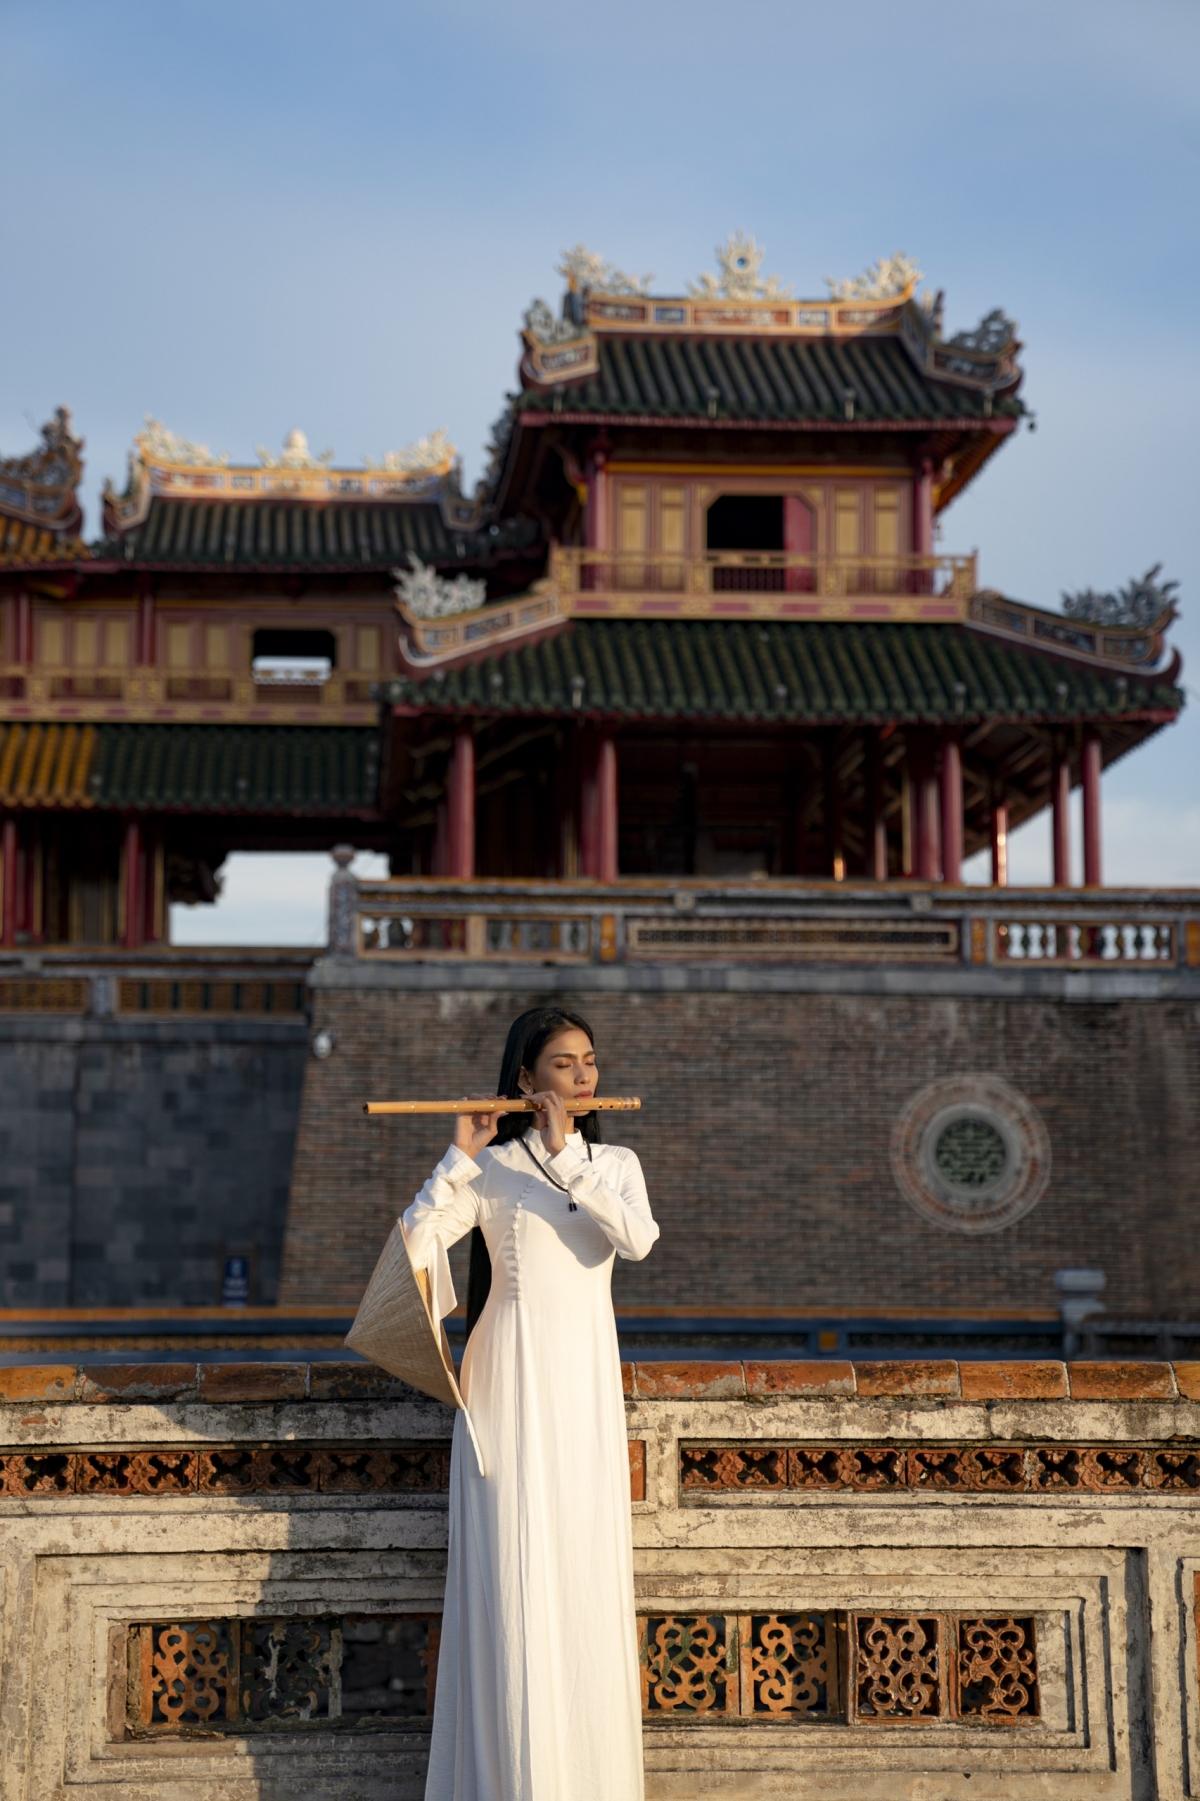 Trong một chuyến công tác gần đây tại Huế, á hậu Trương Thị May đã có dịp thăm và vãng cảnh tại kinh thành Huế, một trong những địa điểm nổi tiếng nhất cố đô Huế.